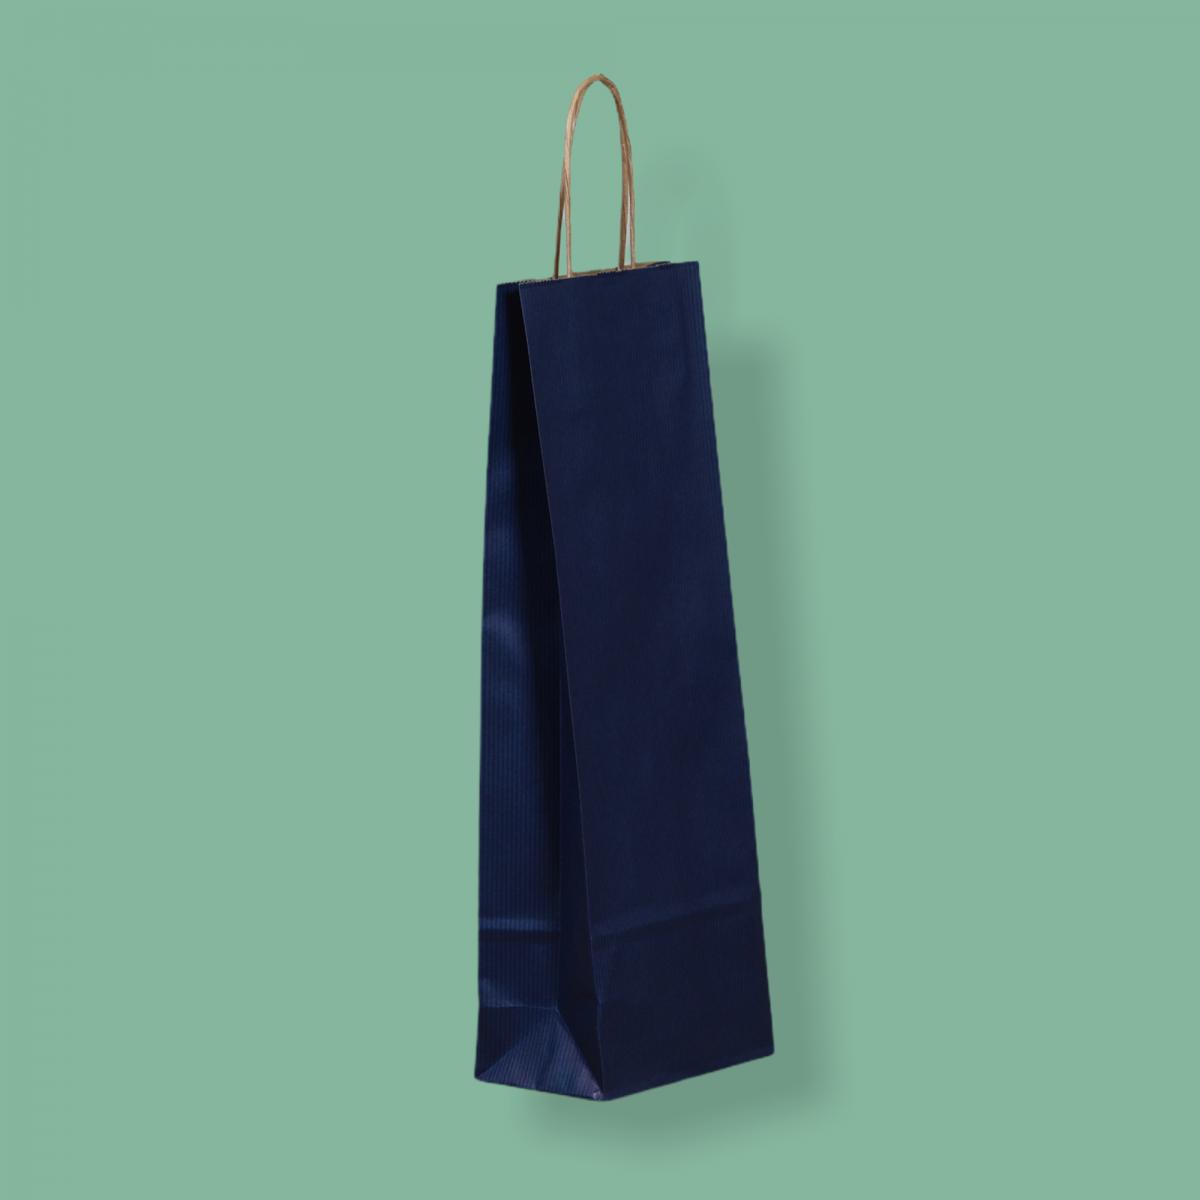 Sodrottfüles papírtáska 14x39x8 cm bordázott kék ITALTASAK A.